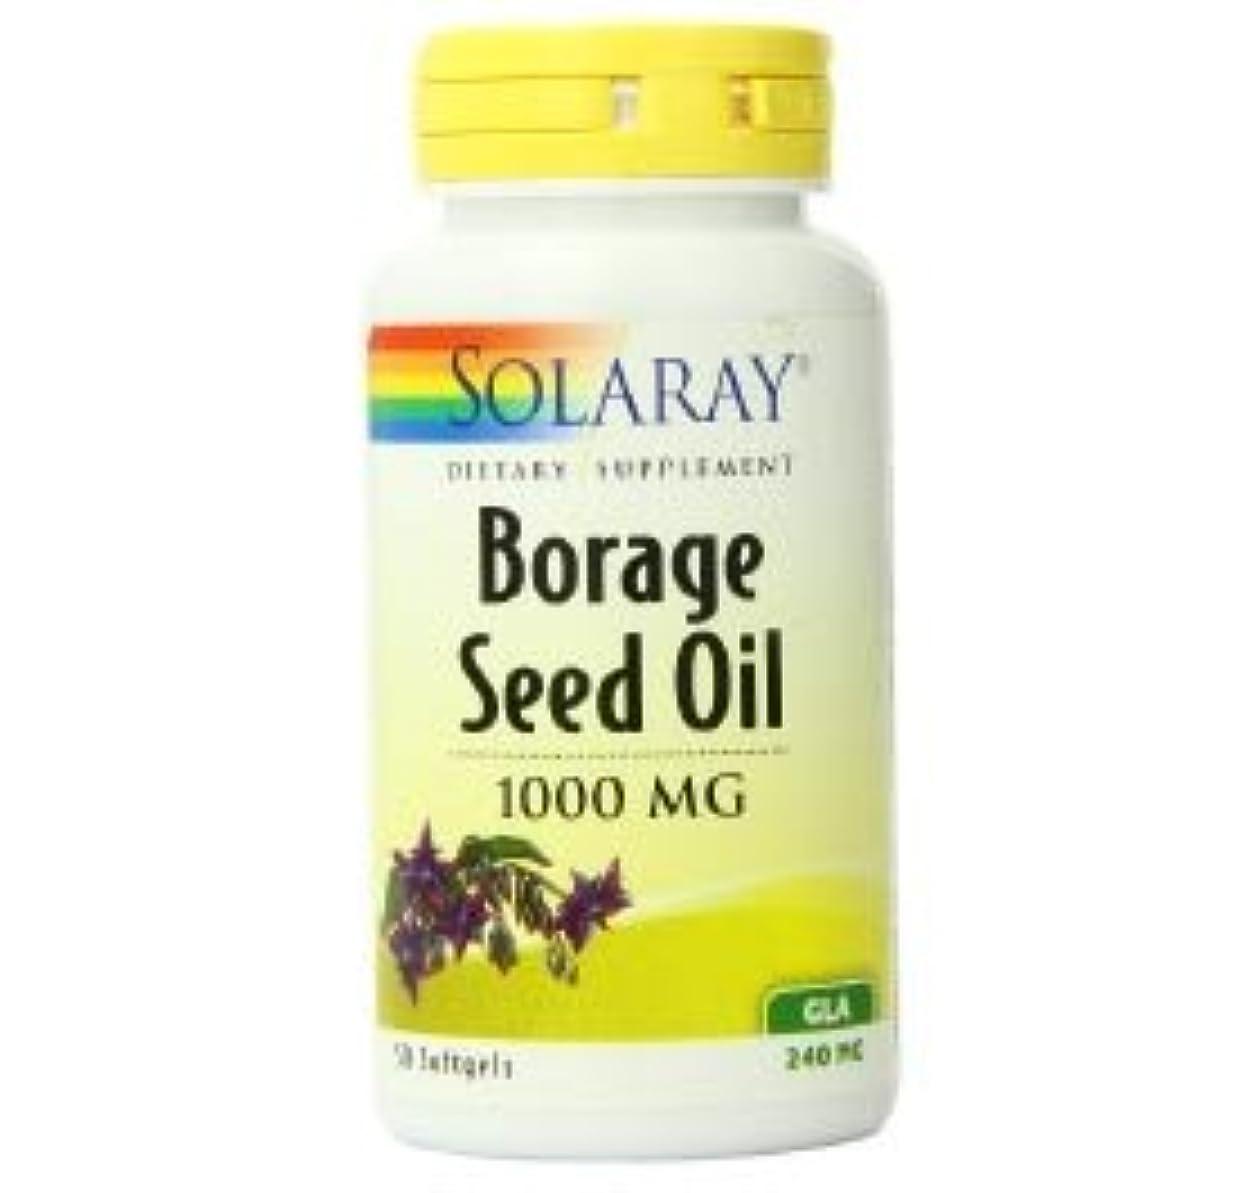 めんどり乳製品抵抗【海外直送品】SOLARAY - Borage seed oil - 50softgel ボラージシードオイル